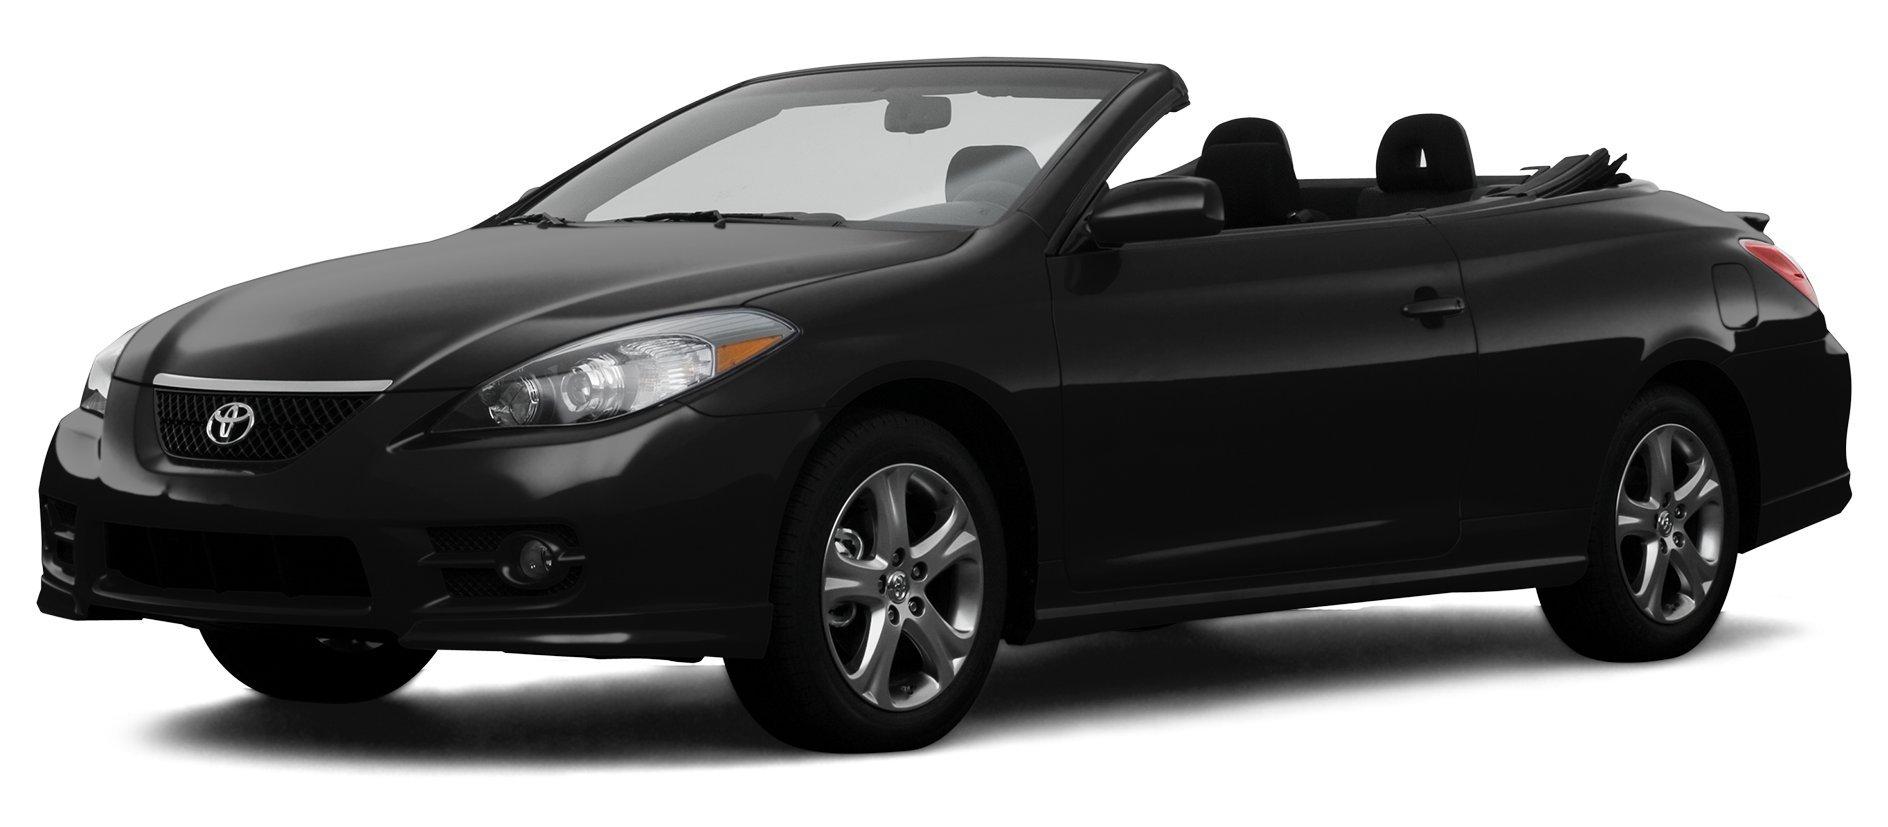 ... Spyder Automatic Transmission, 2008 Toyota Solara SE, 2-Door Convertible  V6 Automatic Transmission (Natl) ...